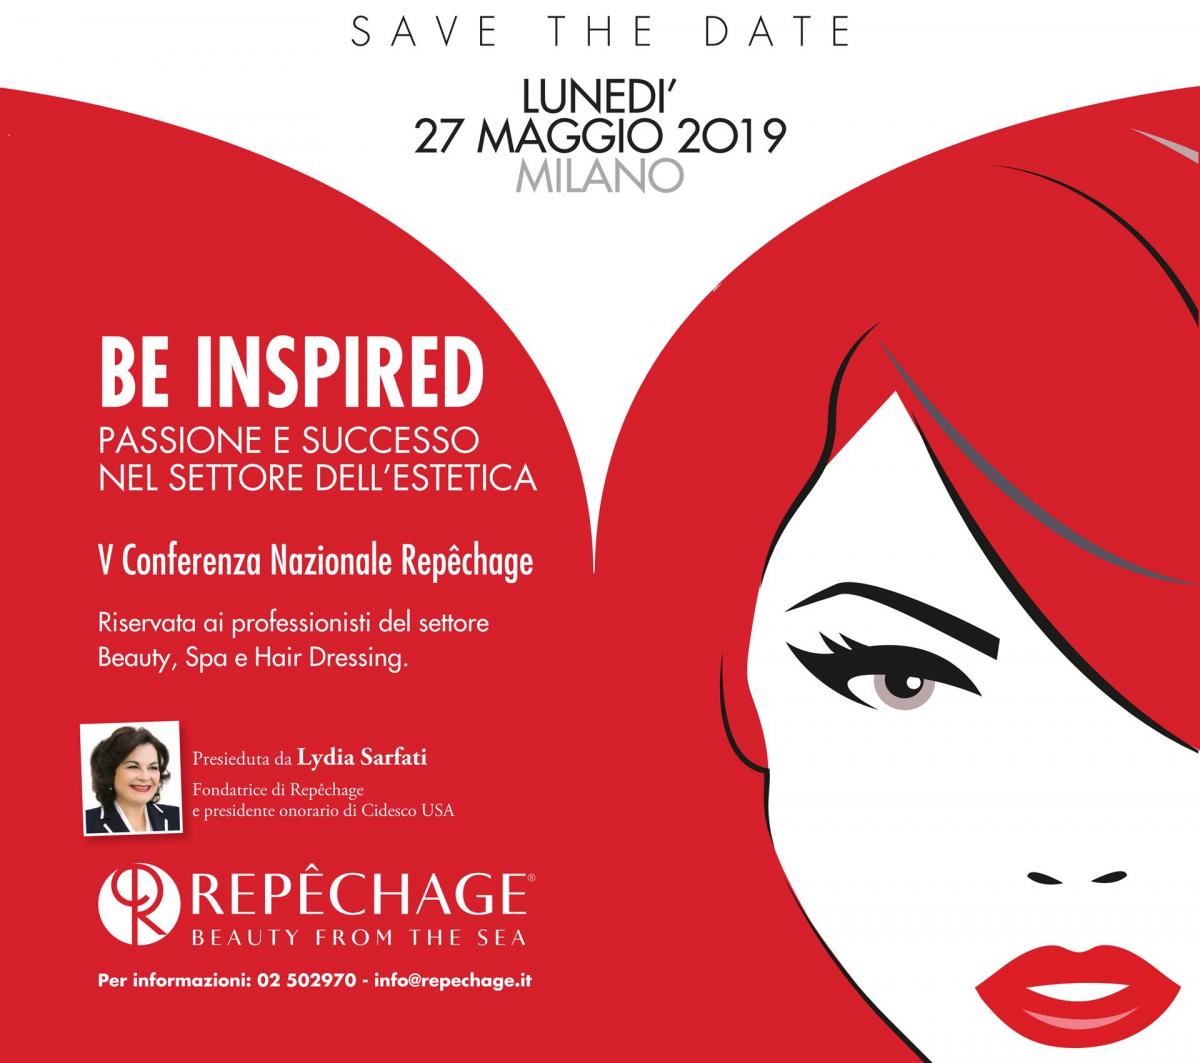 Be inspired: 27 maggio 2019 v conferenza nazionale Repechage